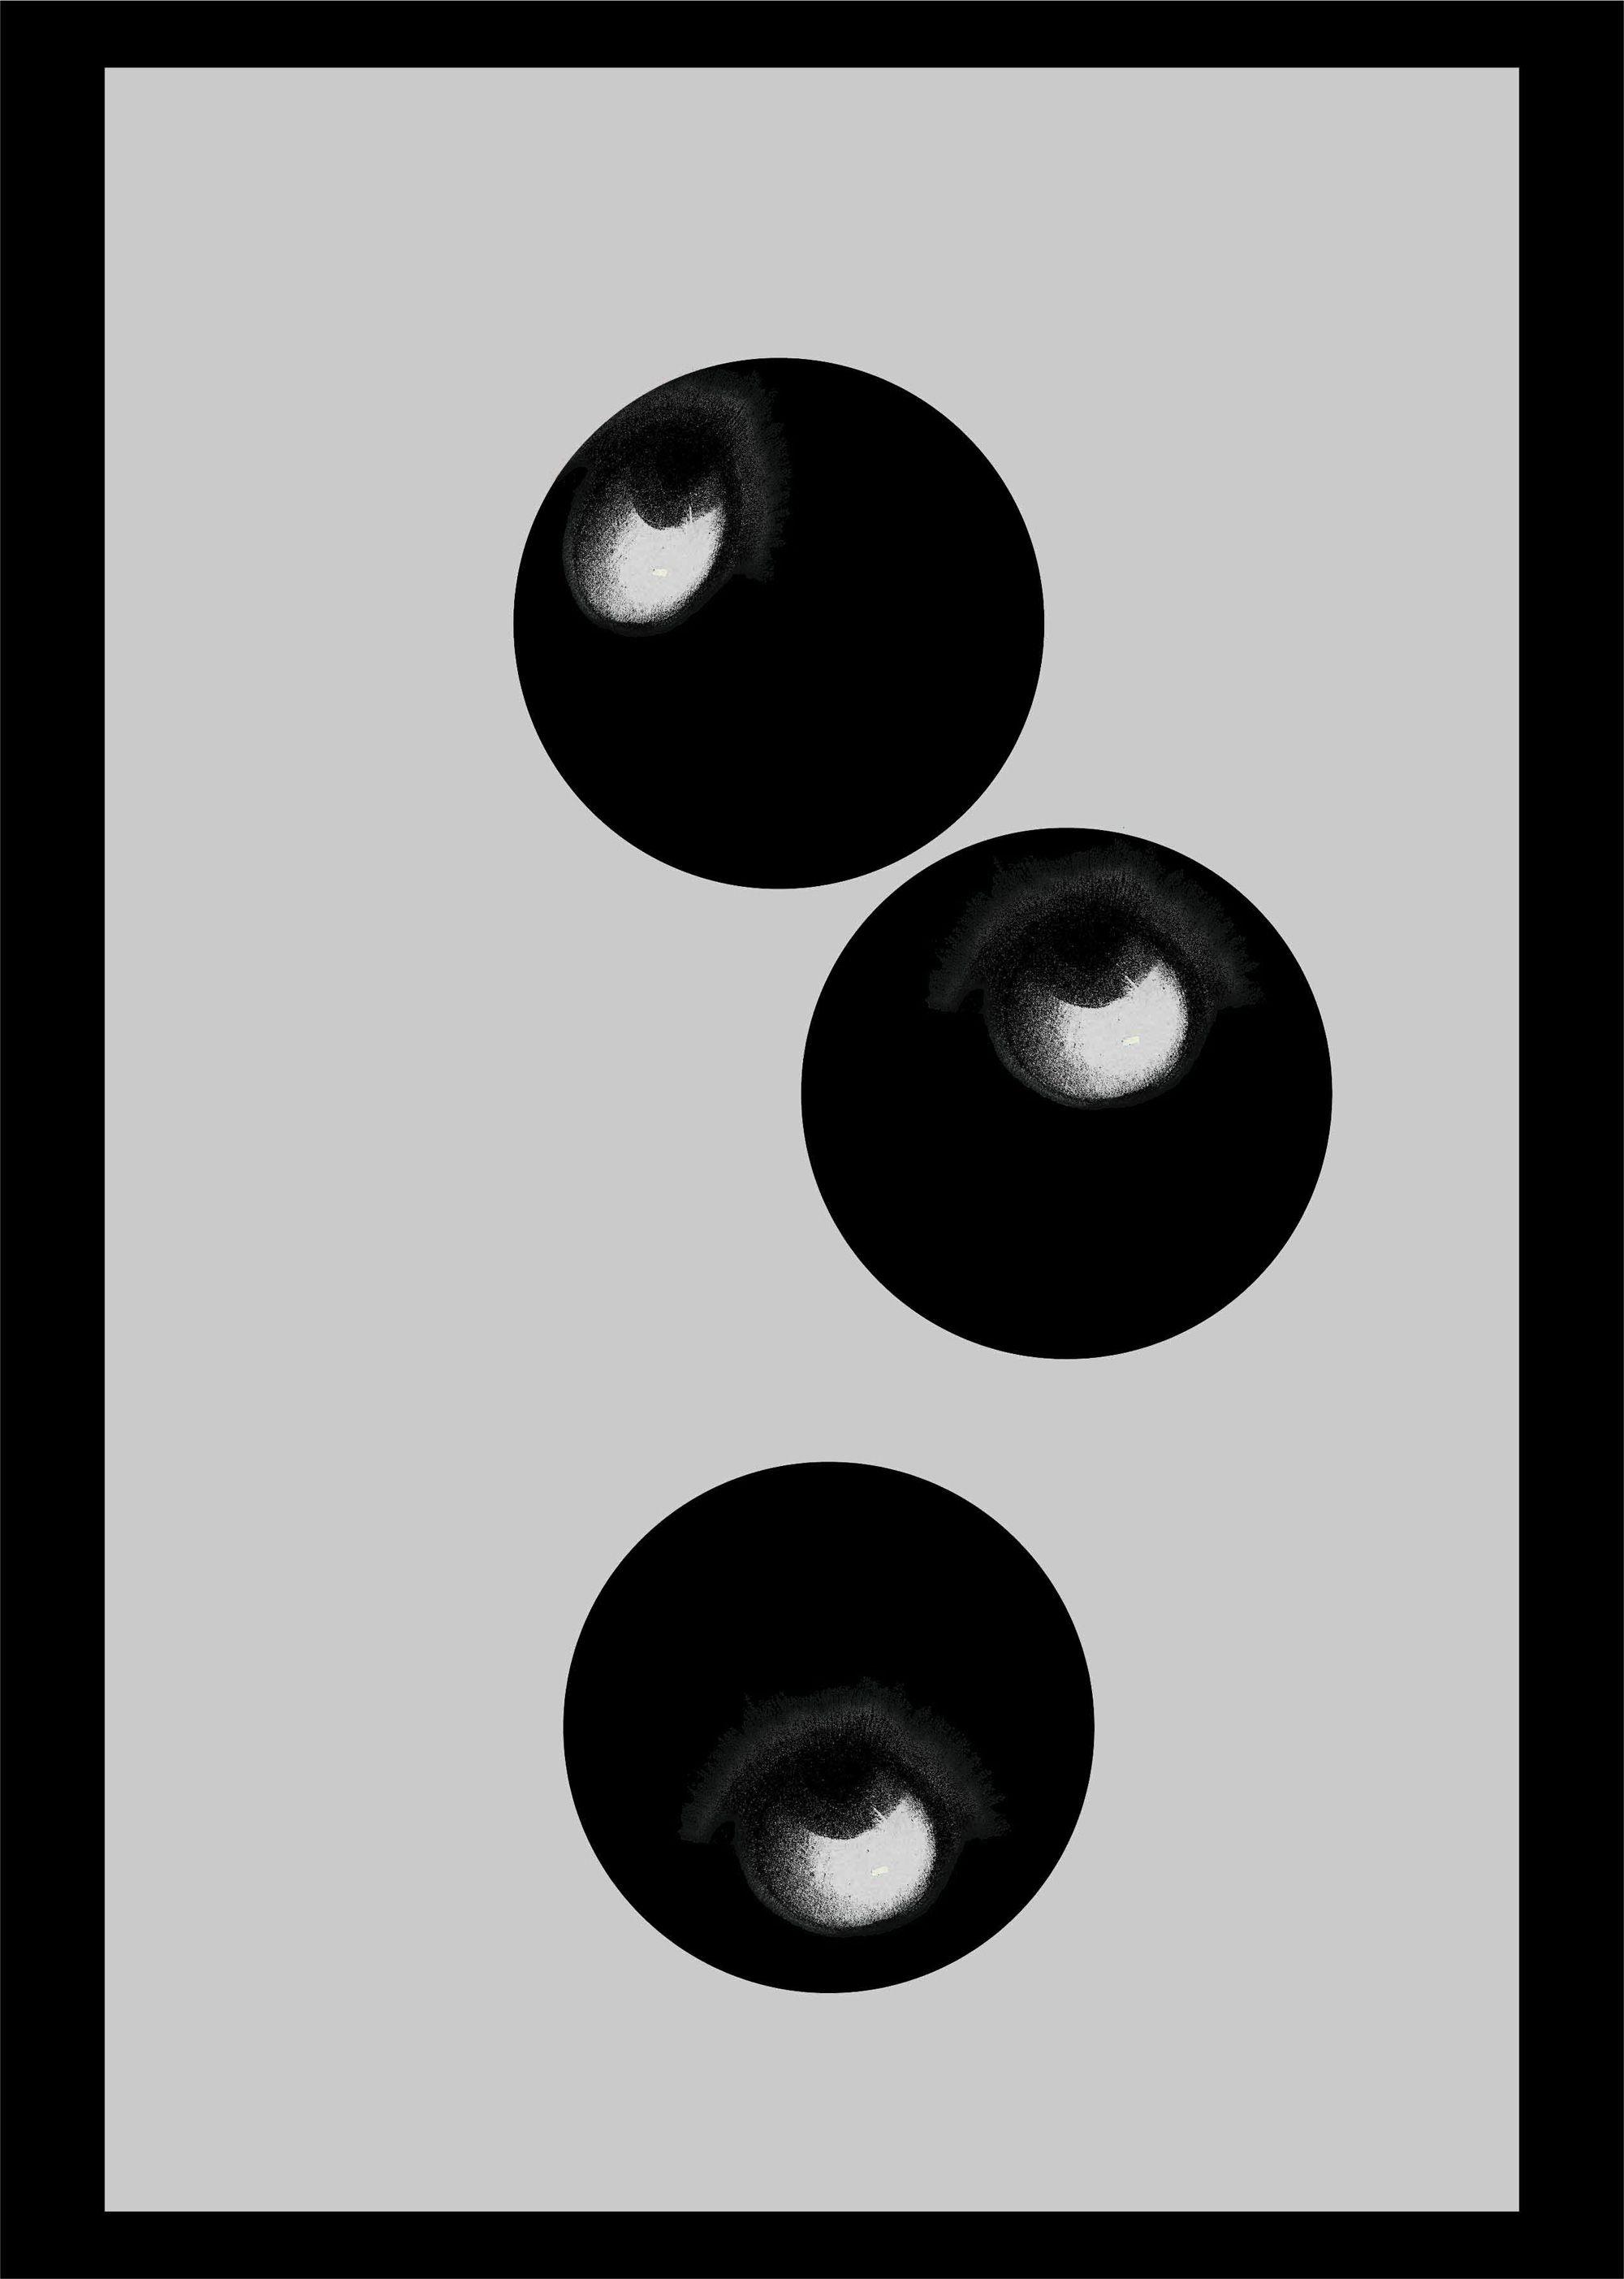 オディロン・ルドンの画像 p1_36